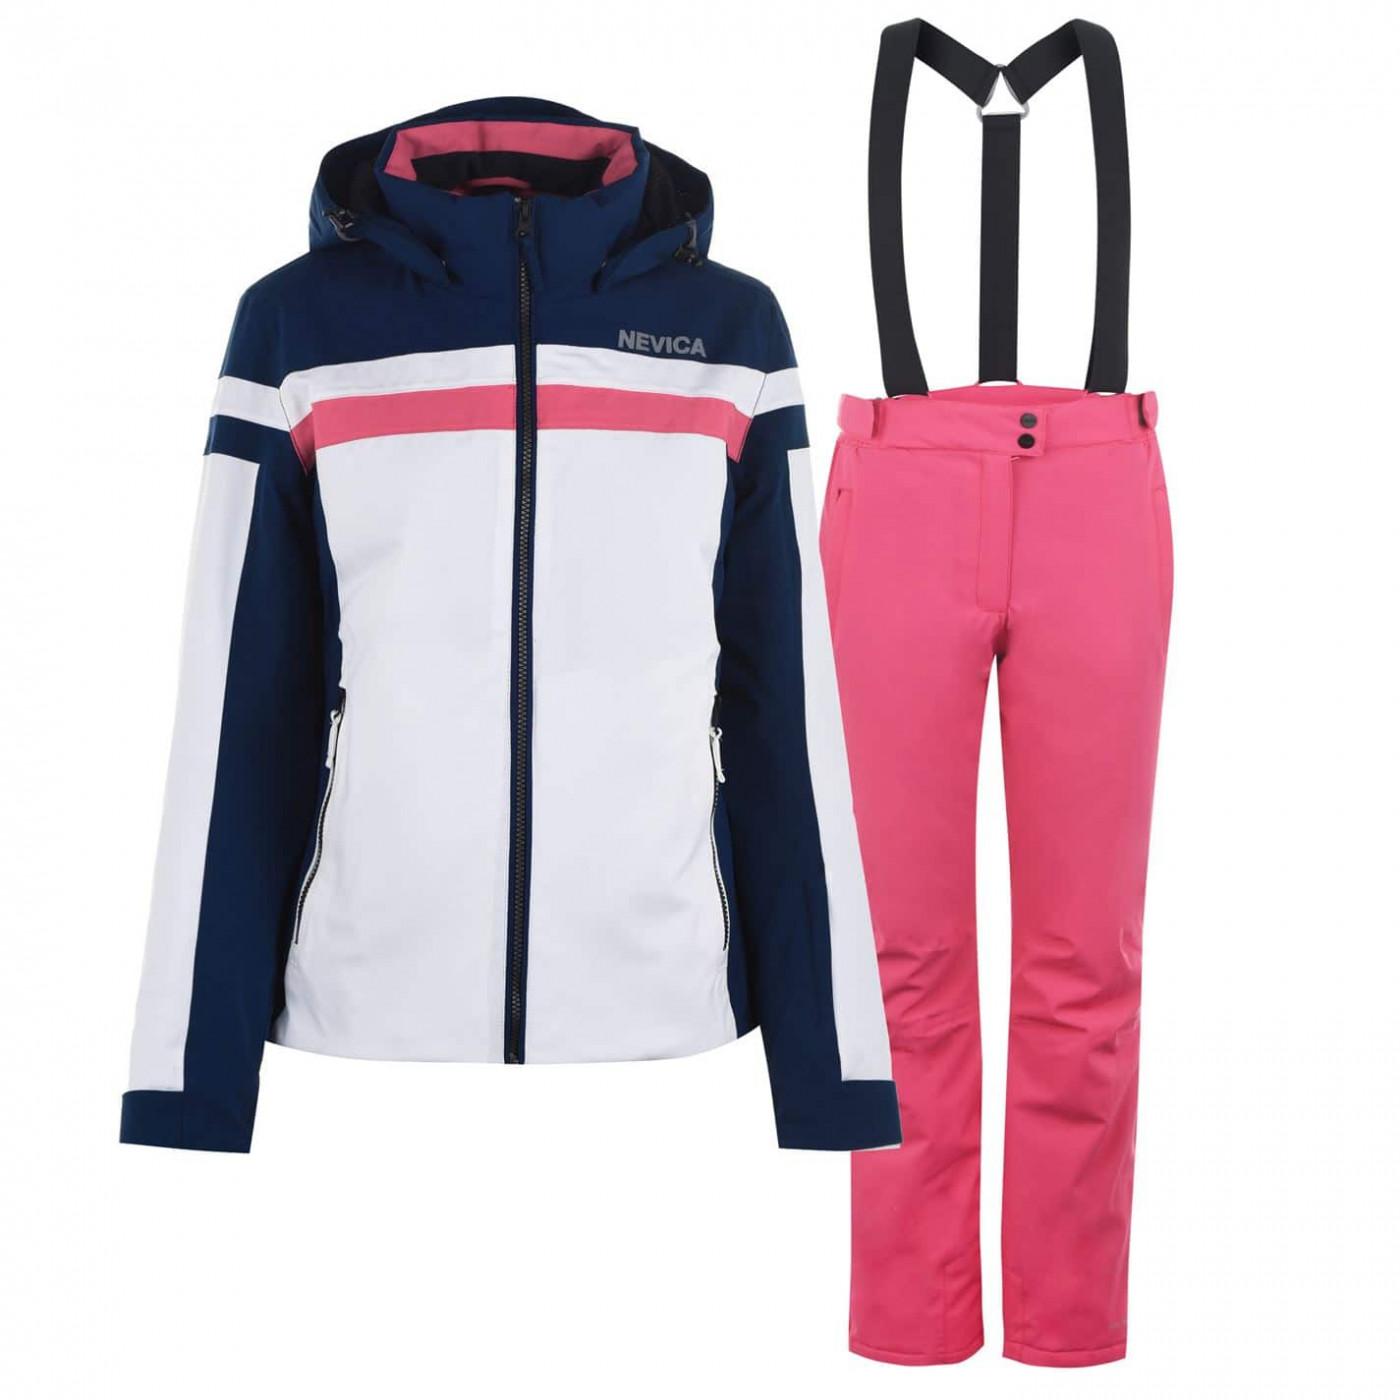 Women's ski suit Nevica Nancy